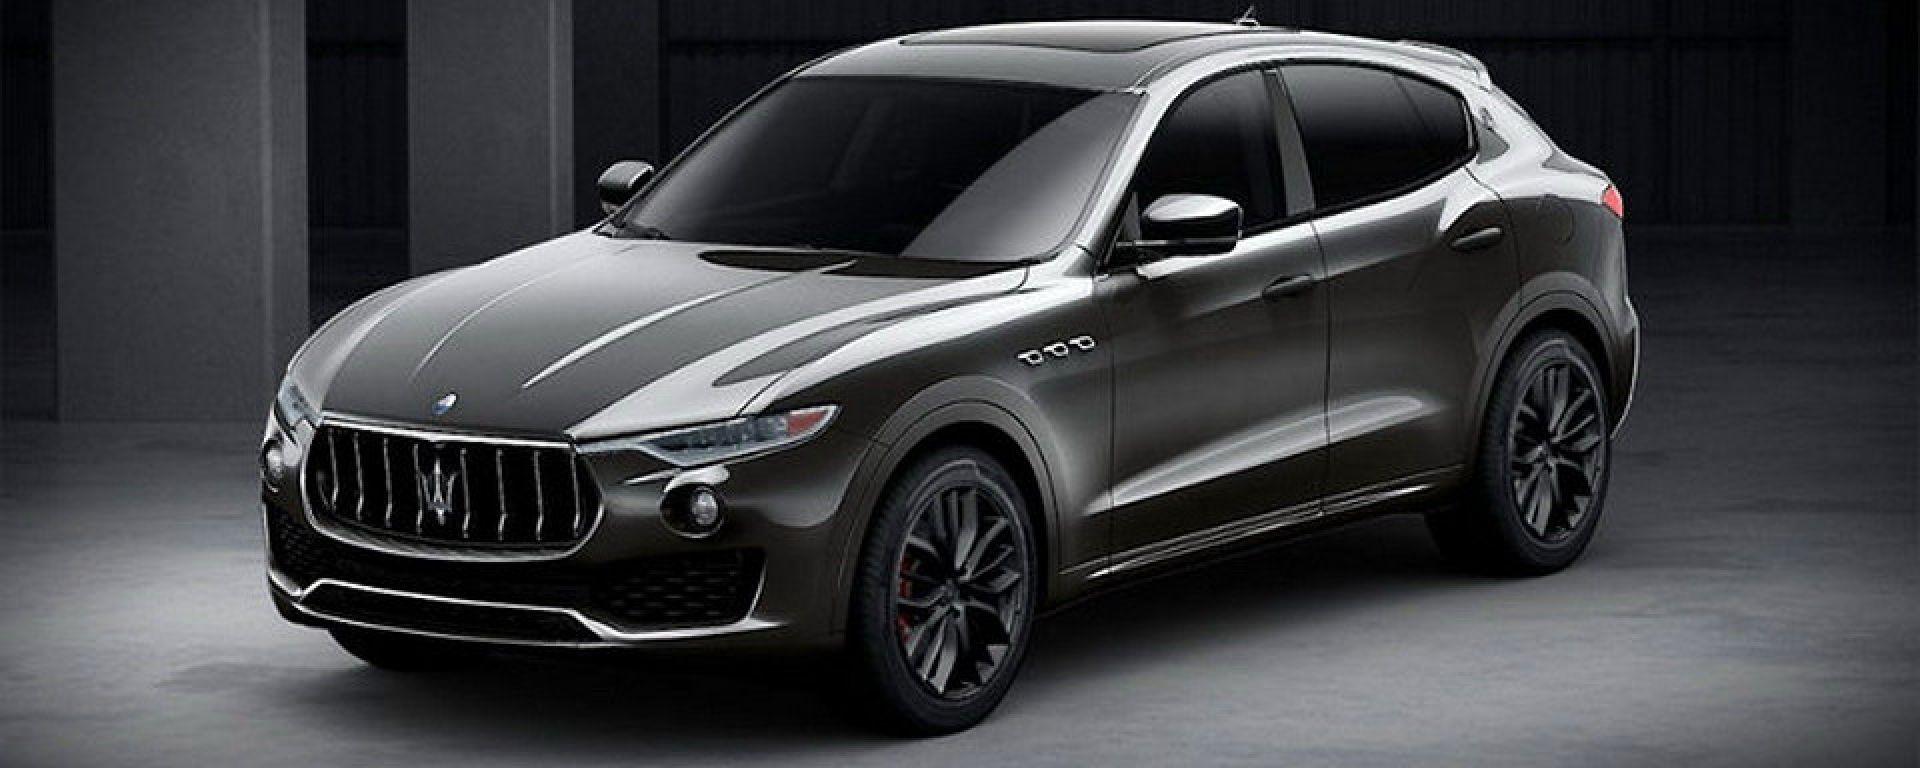 Maserati Levante 2021 Sportivo